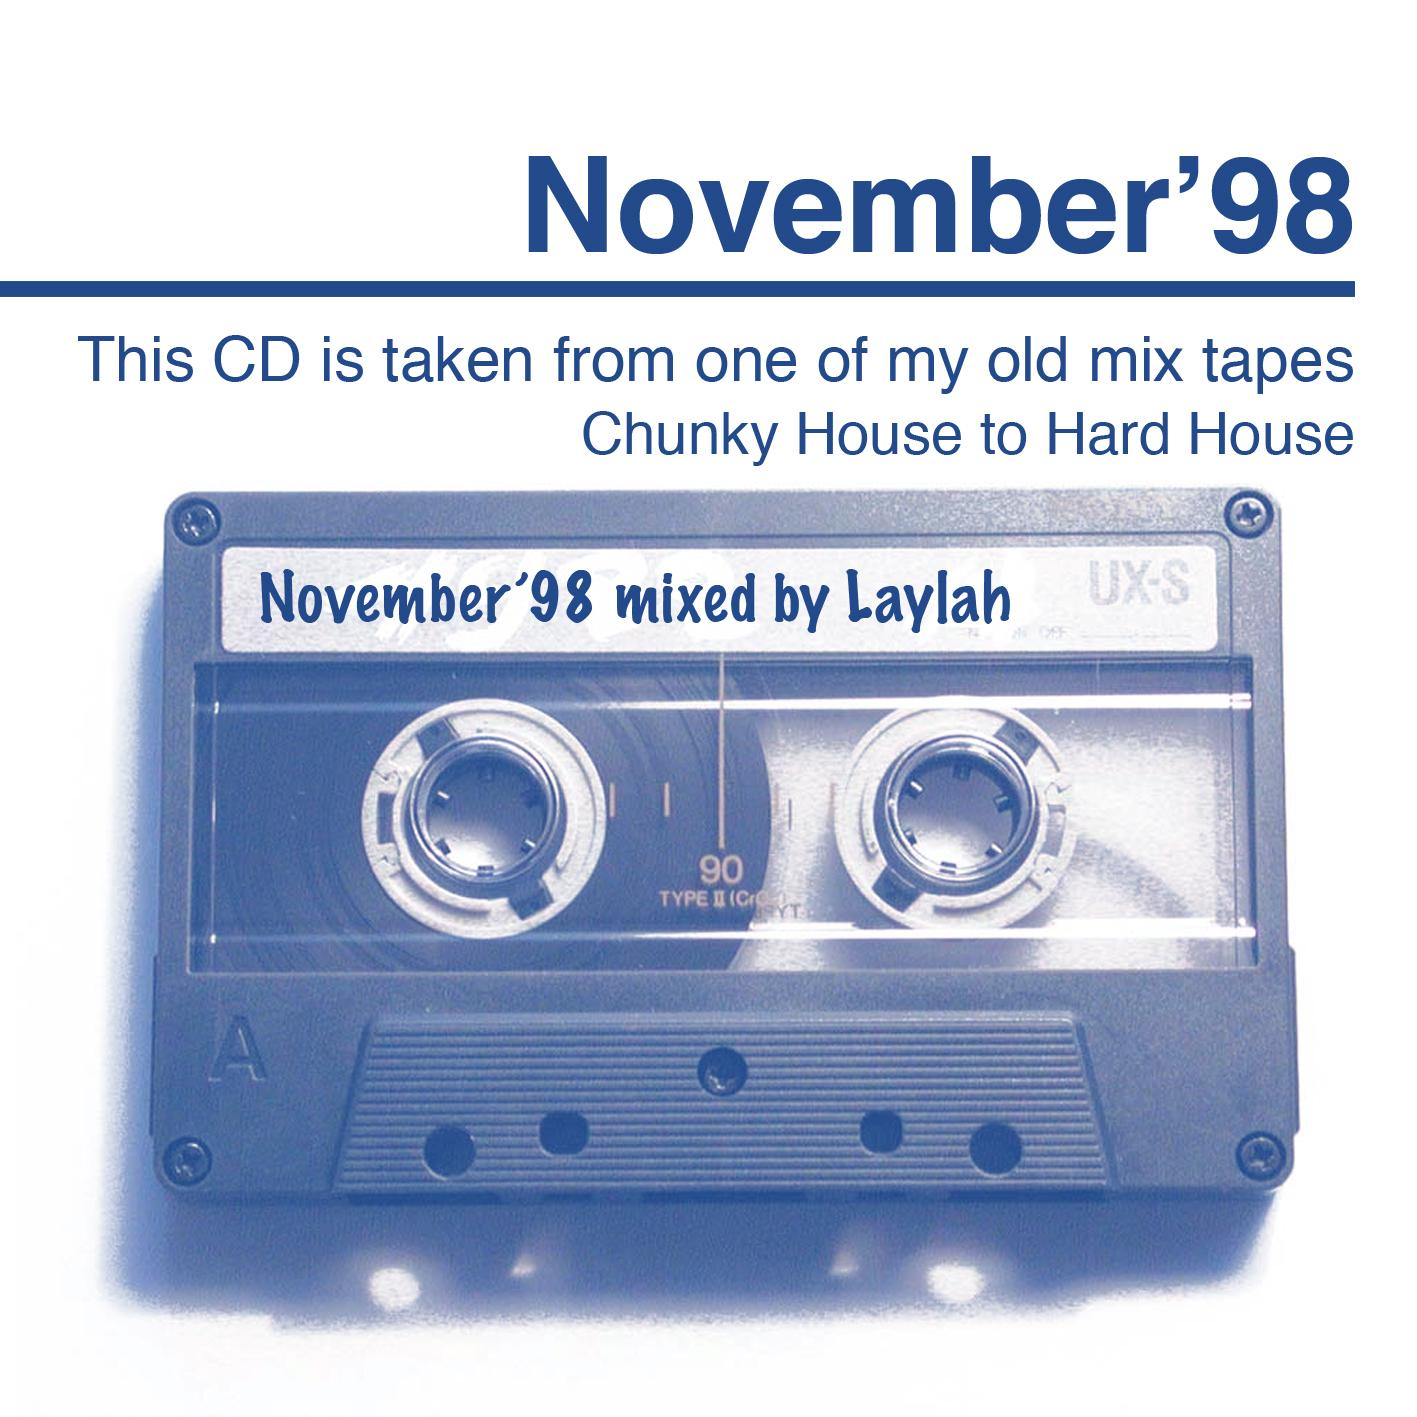 Laylah-Dec04-CDcover